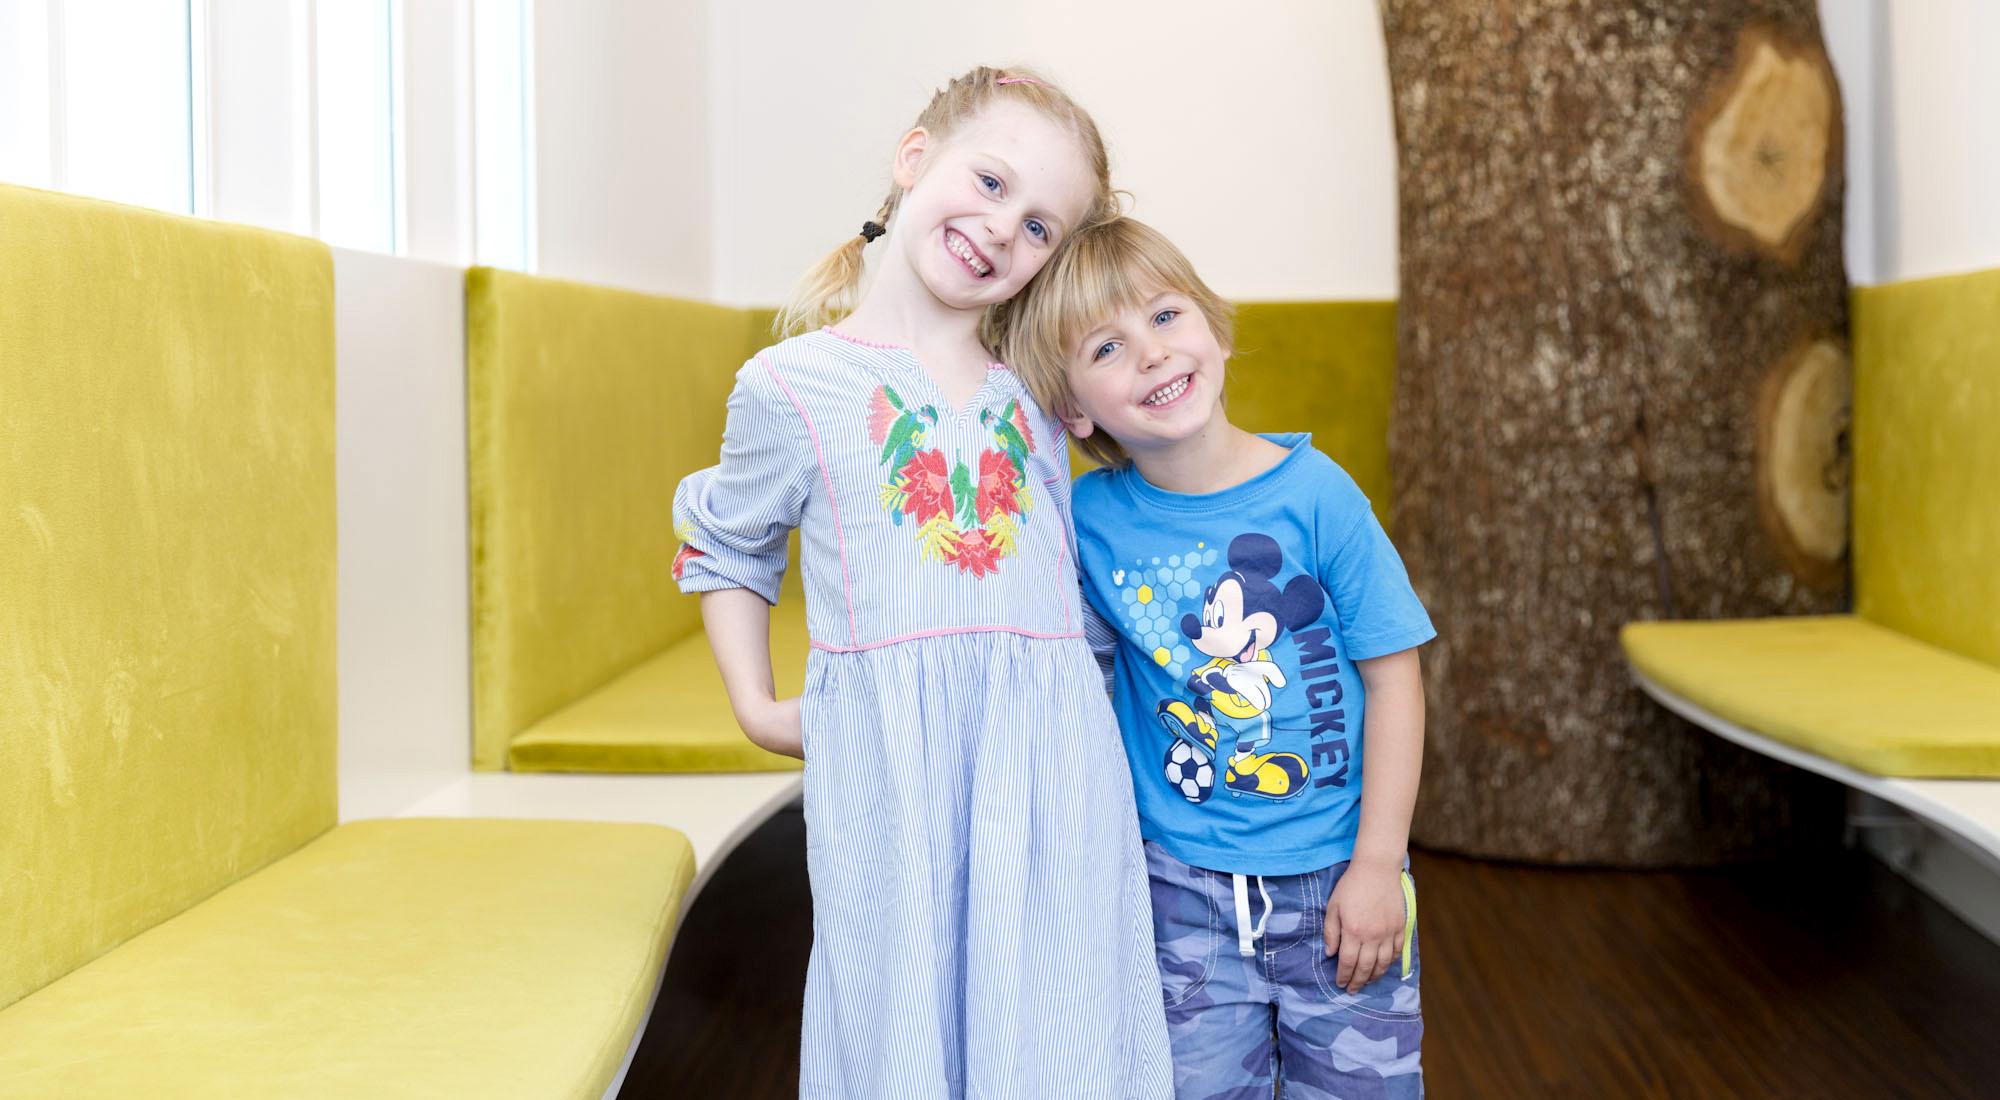 Kinderzahnheilkunde in München Ost